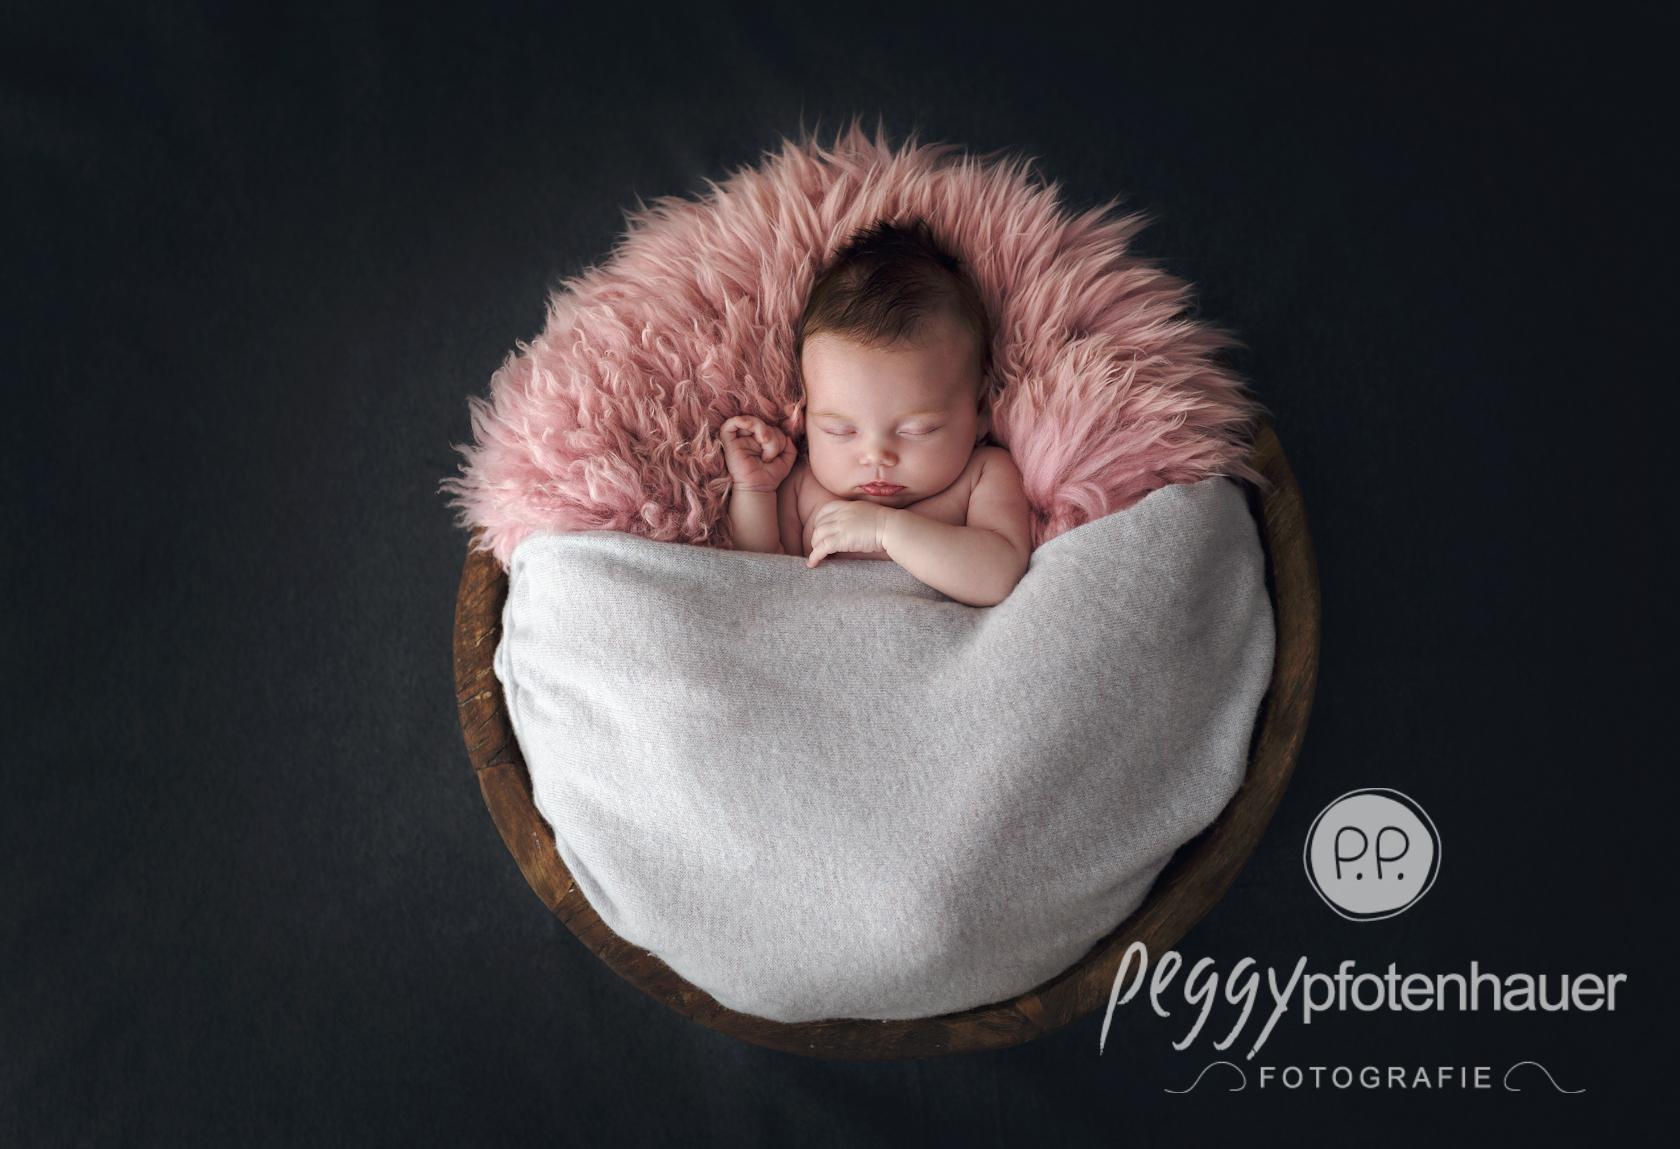 Babyfotograf Erlangen - Peggy Pfotenhauer Fotografie